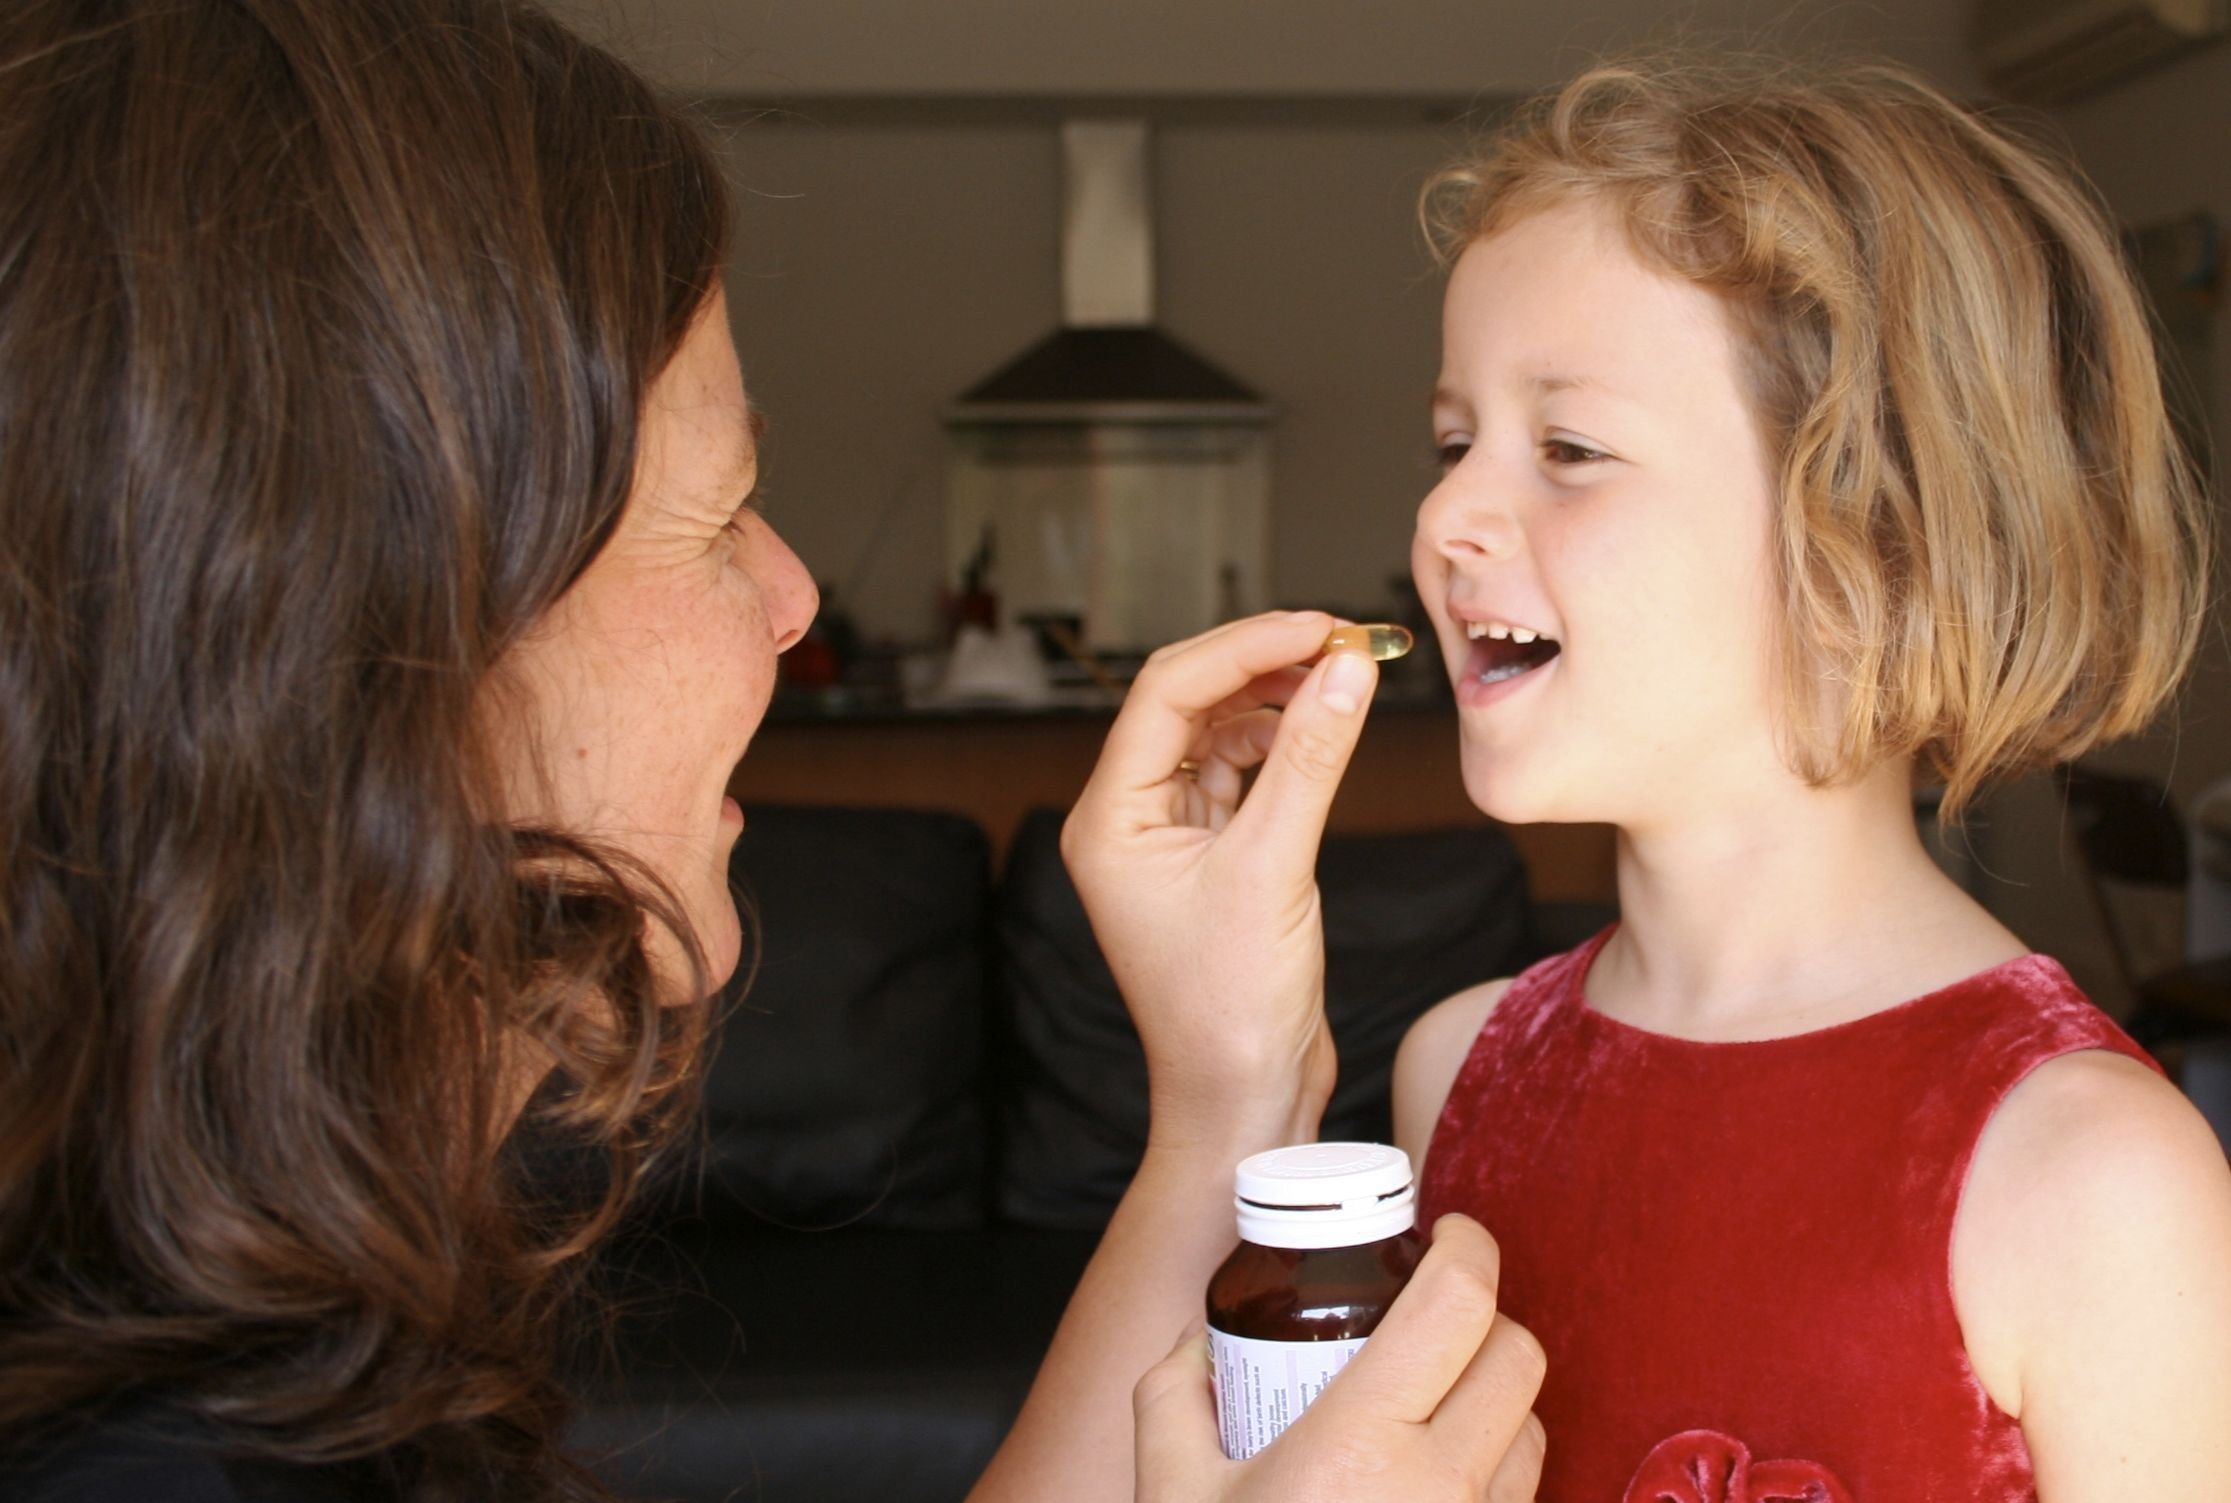 Najbolji i učinkoviti vitamini za djecu u 2020